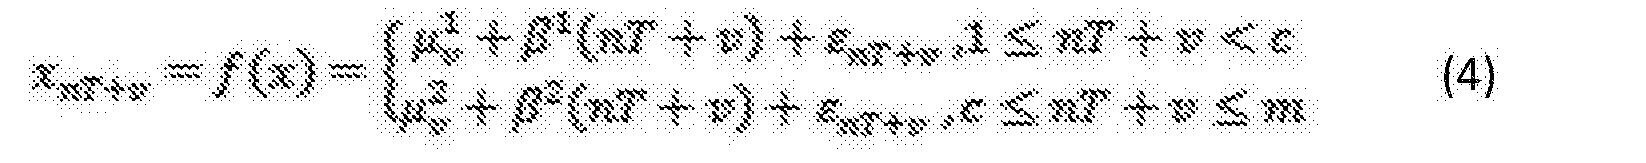 Figure CN105675320BD000711